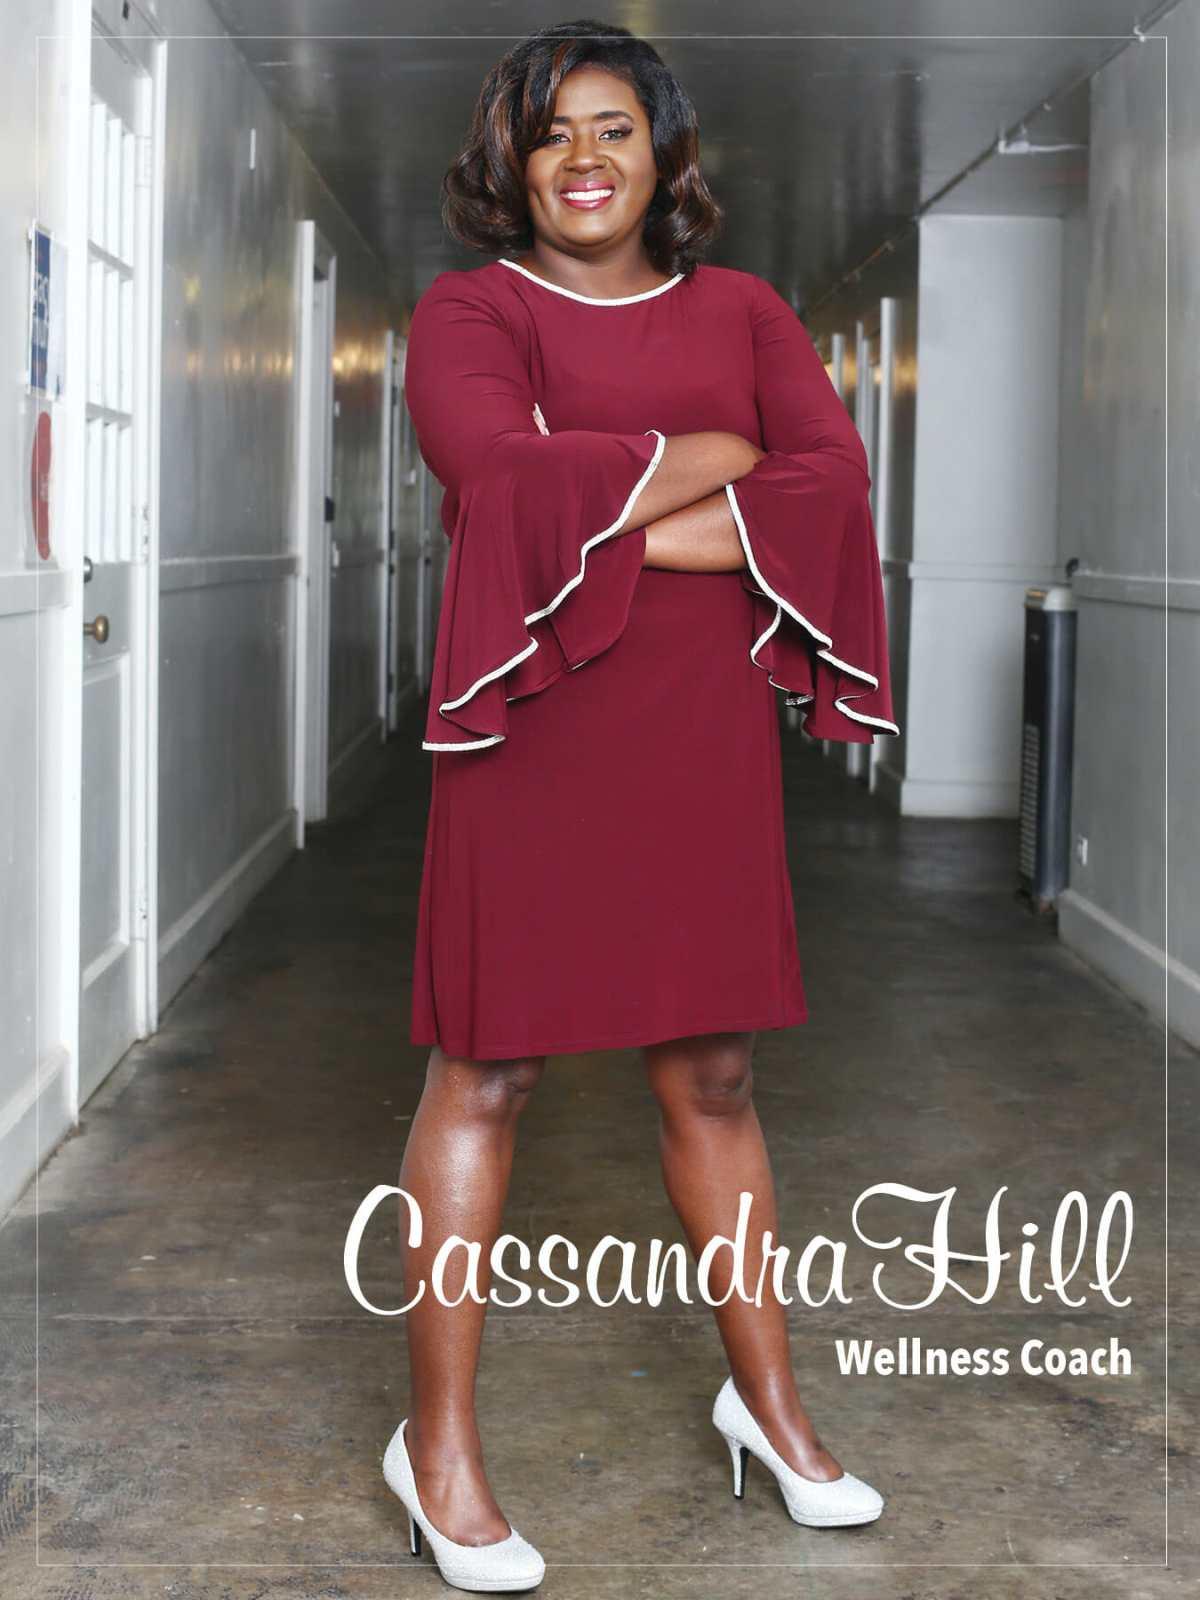 Cassandra Hill